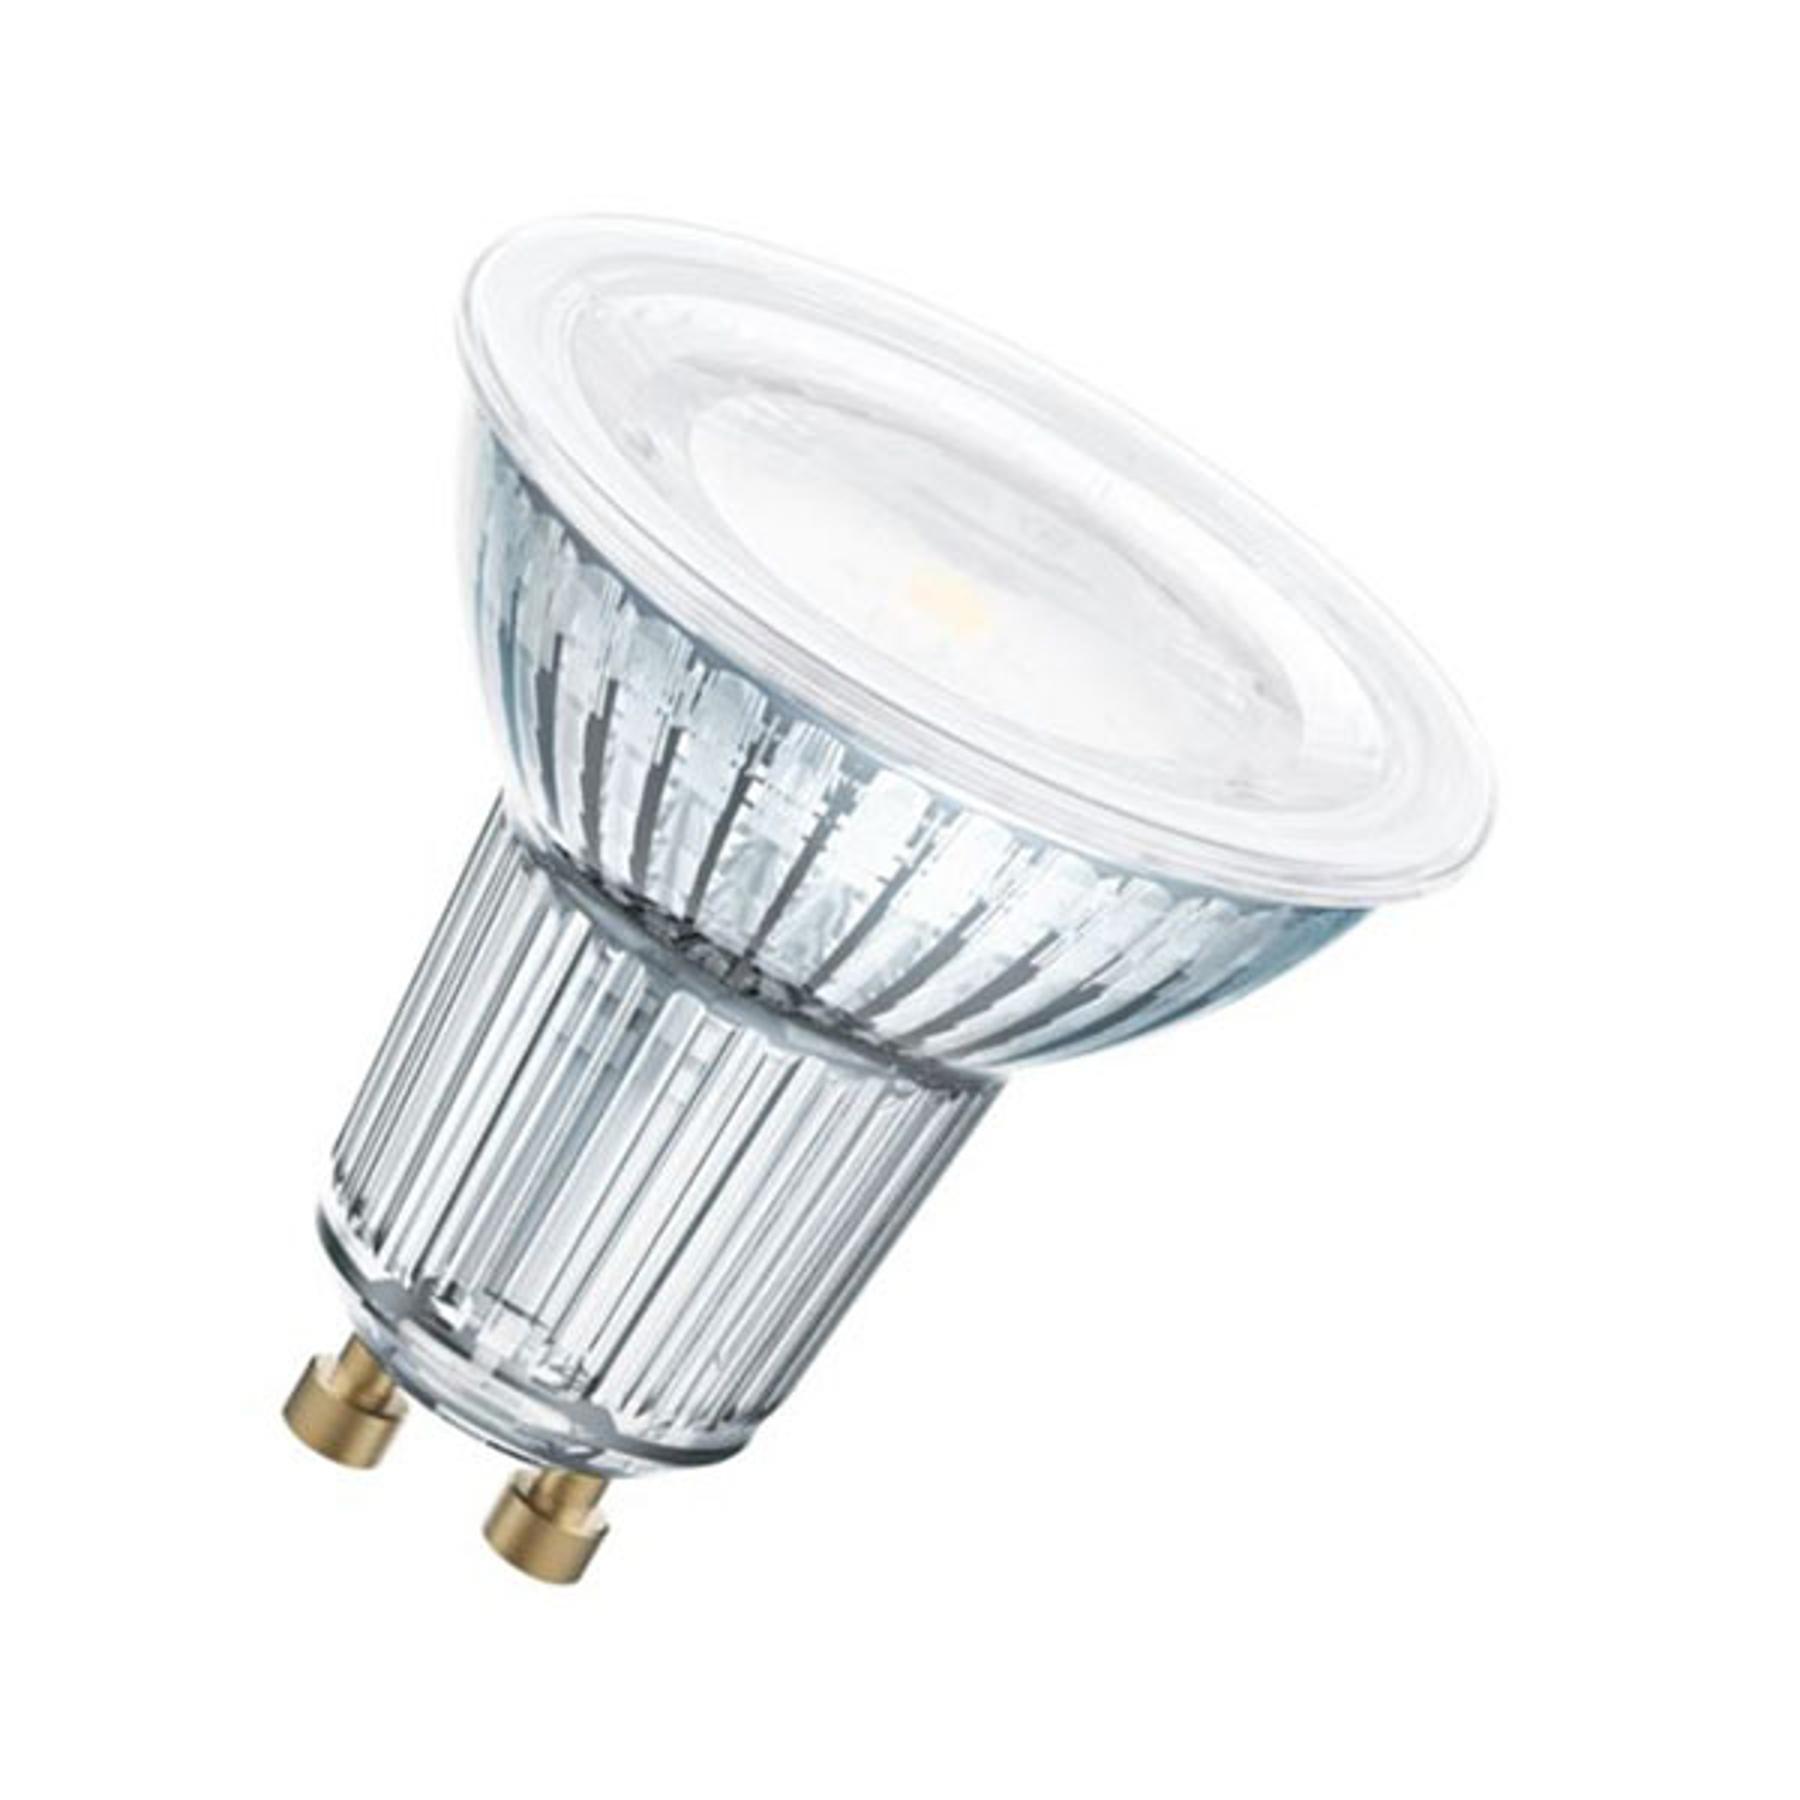 OSRAM LED riflettore GU10 6,9W bianco caldo 120°